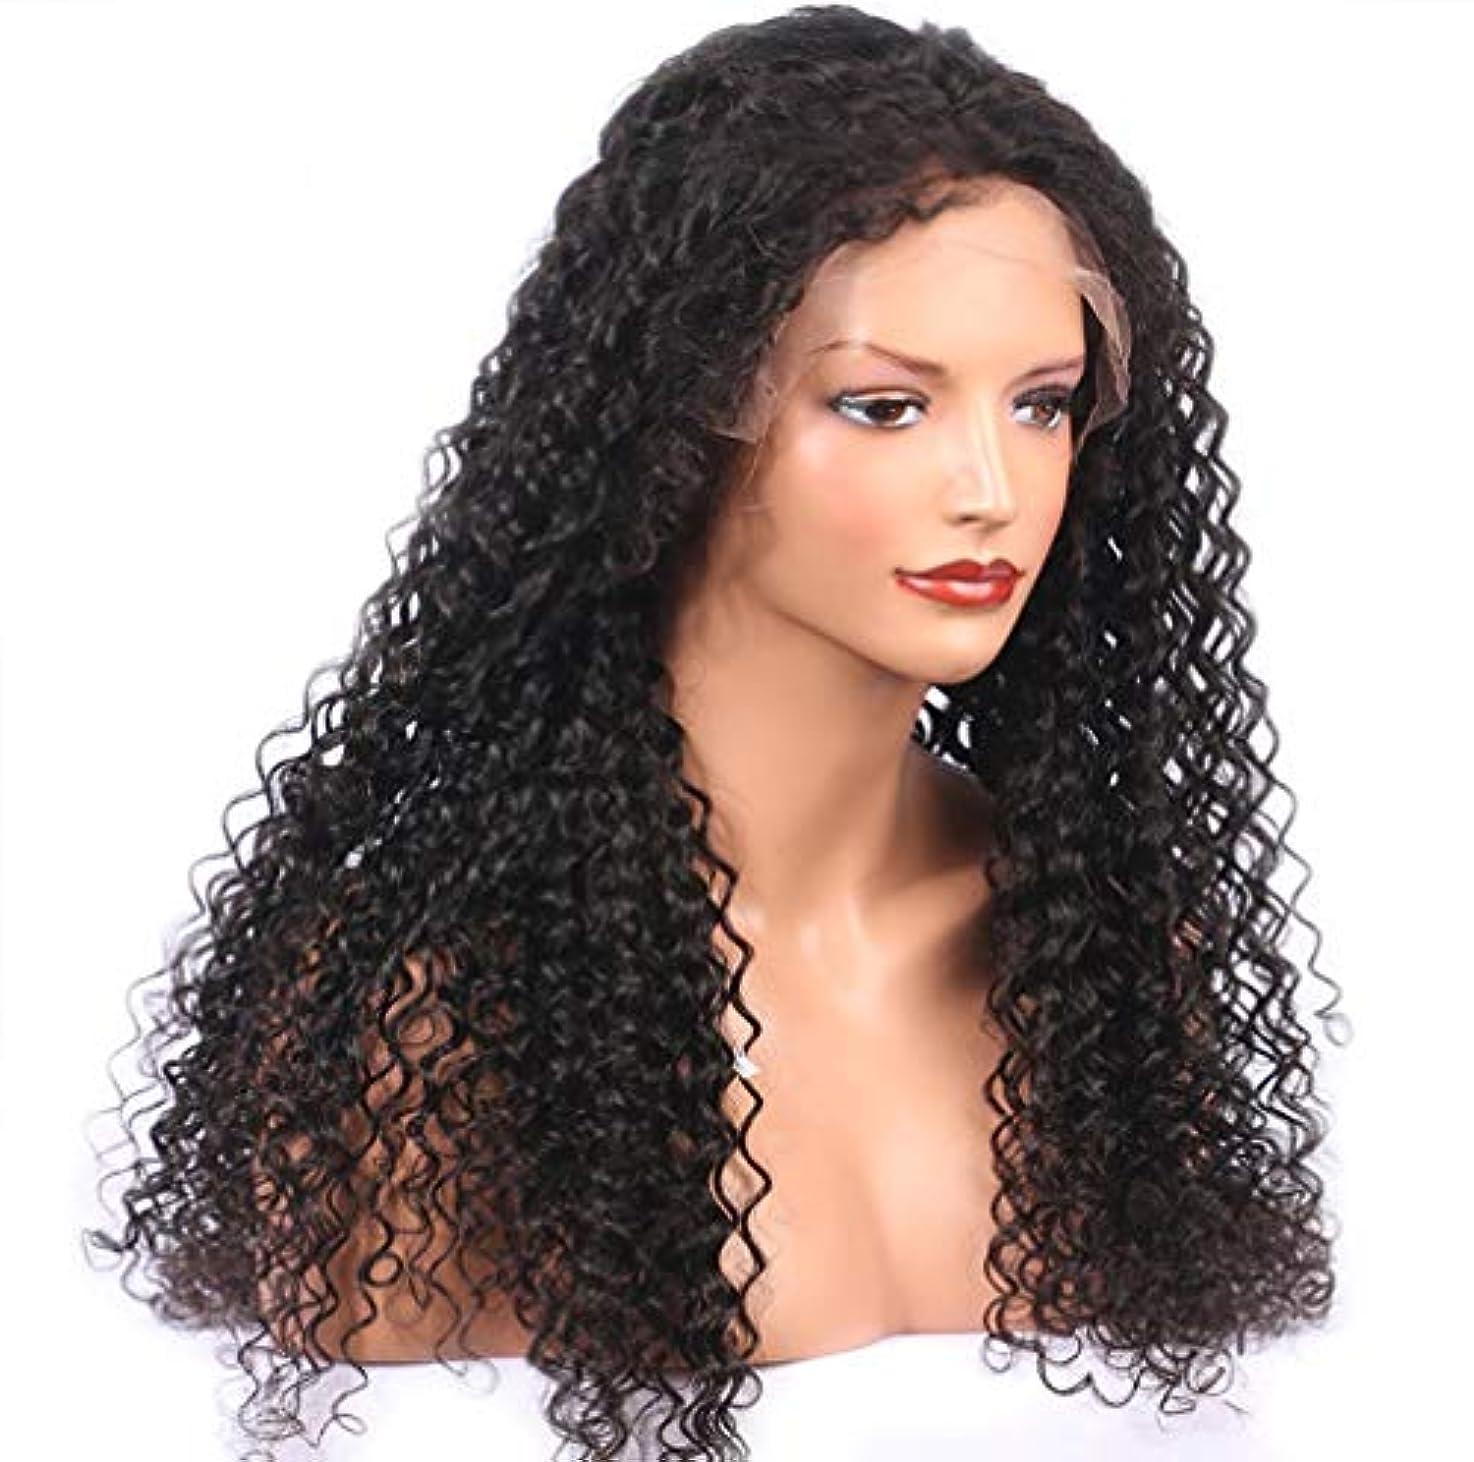 運命的な耕す雰囲気女性フロントレースかつら150%密度合成ブラジルふわふわショート髪波状カーリー合成繊維かつら